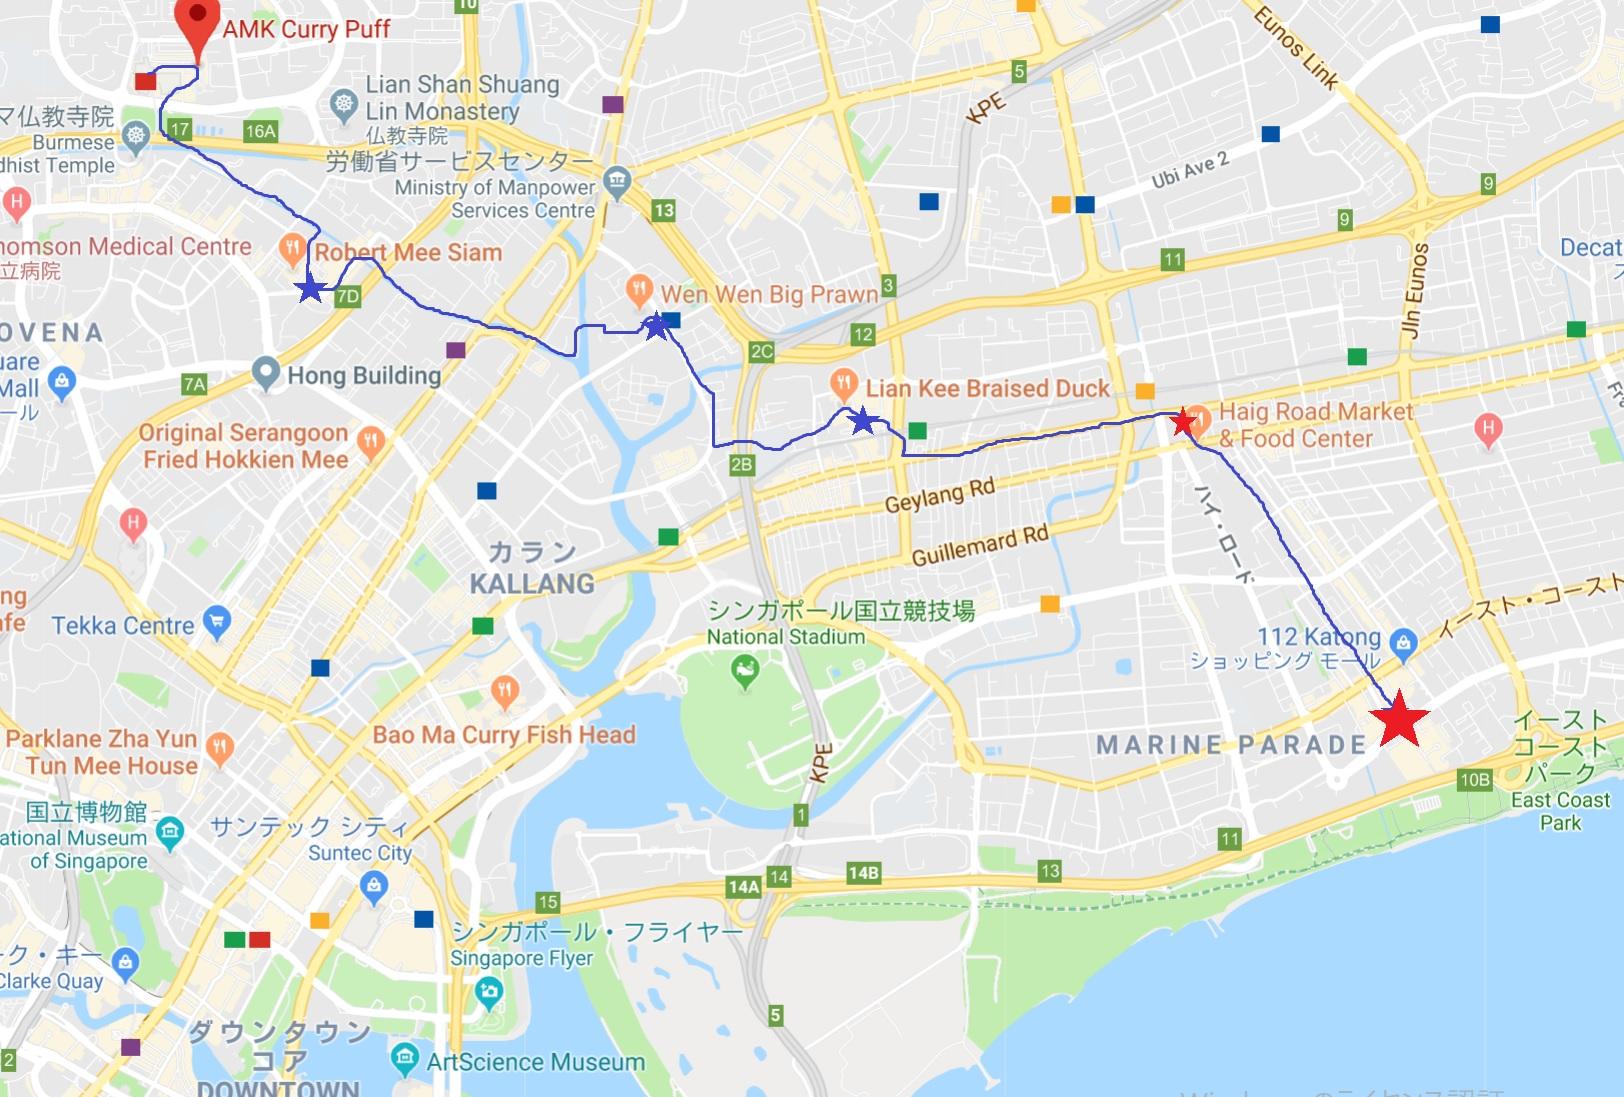 Haig Rd FC から ホテルまで。長い散歩はようやくゴール!_c0212604_1293254.jpg